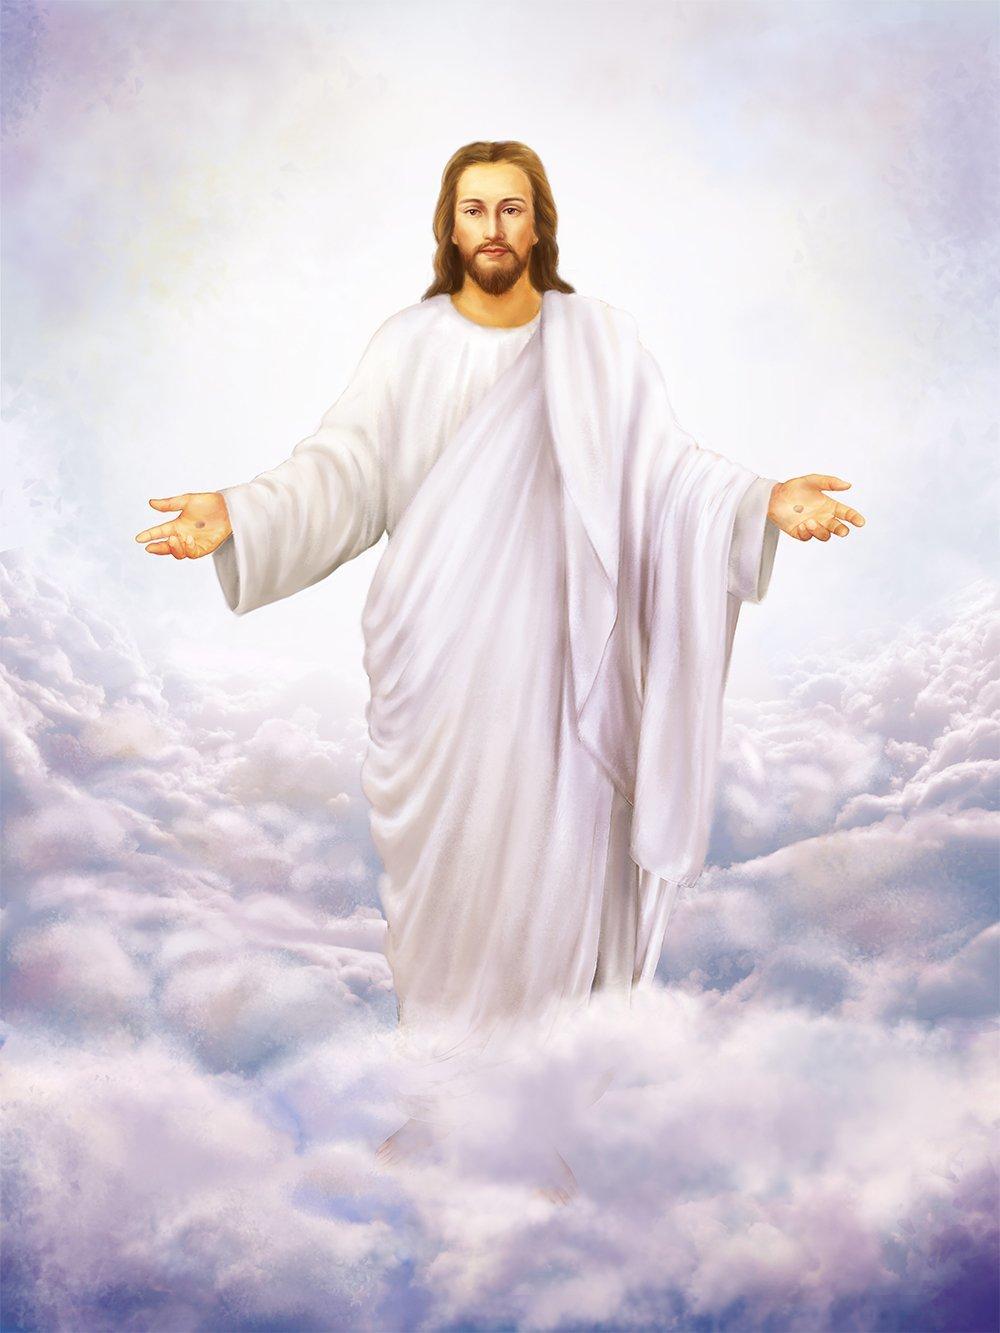 иисус христос для фото гороха том, что